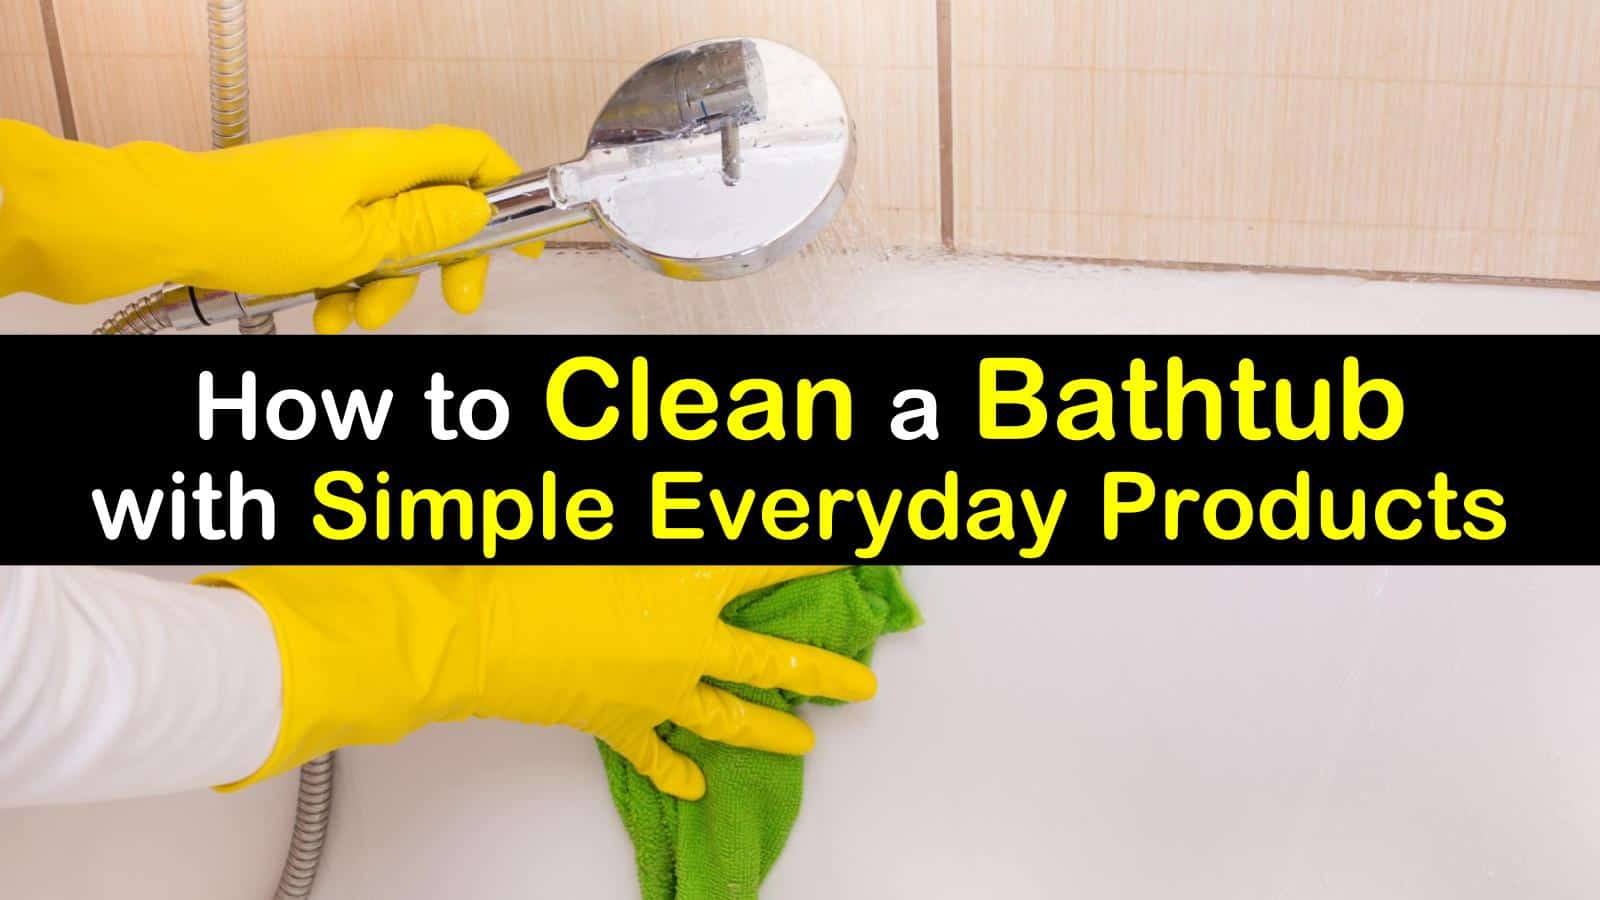 titleimg1 how to clean a bathtub